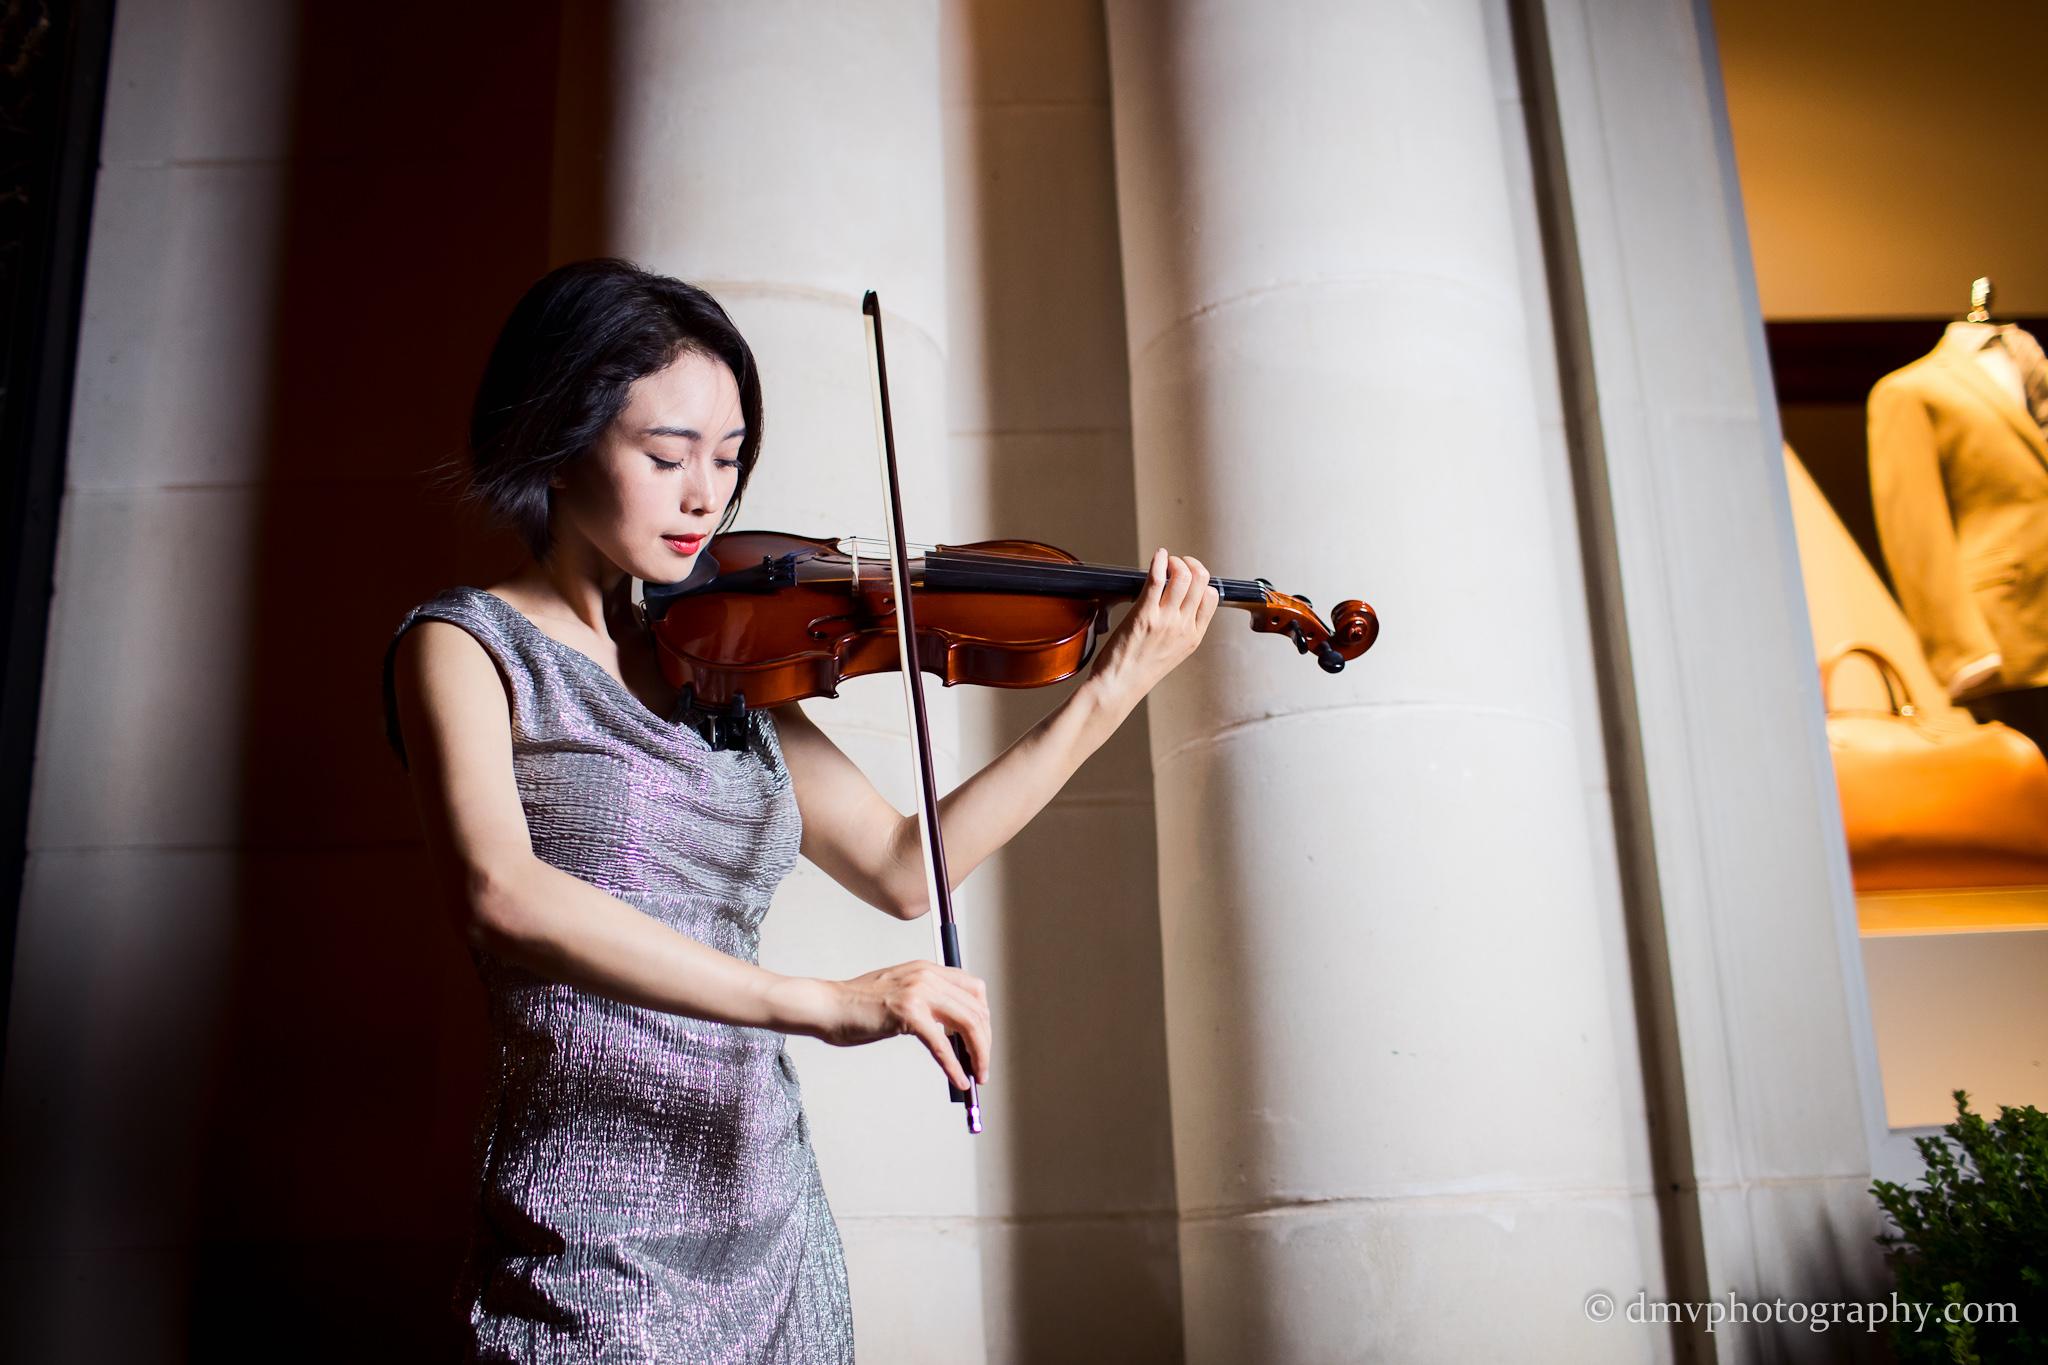 2016-08-12 - Anora Wang - Violin - 00004